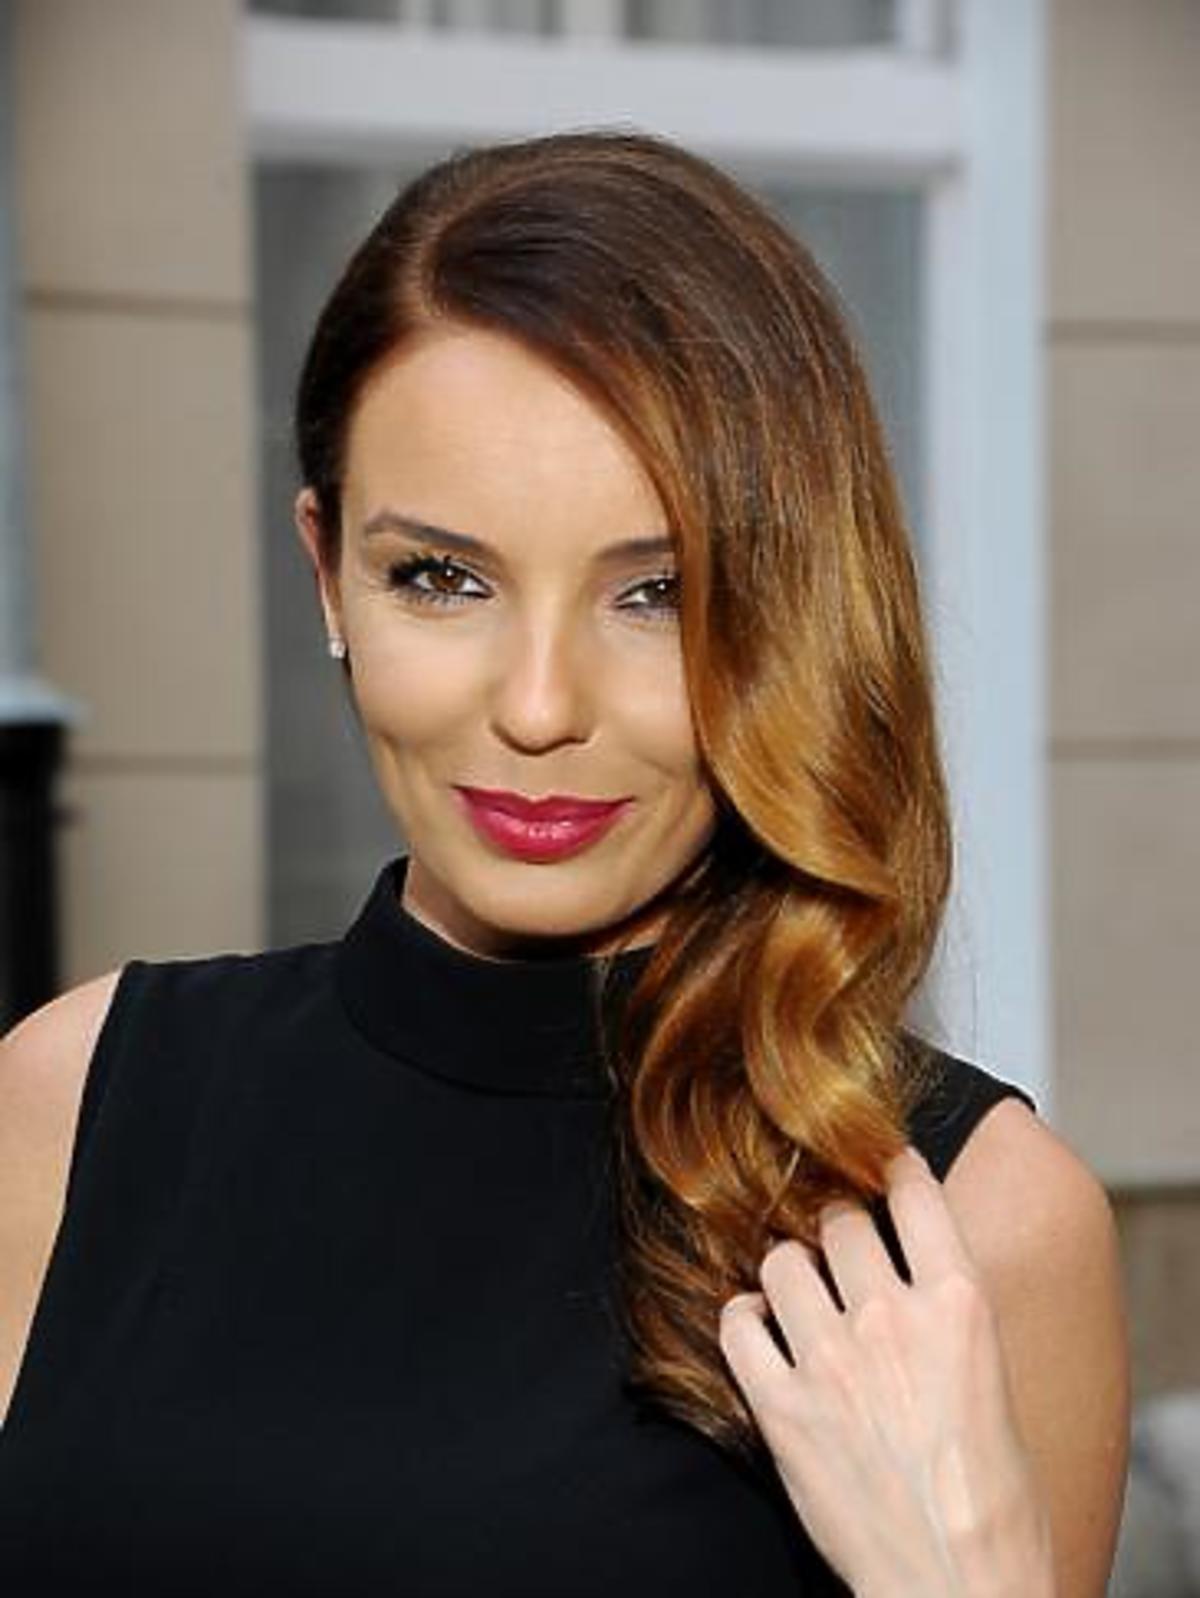 Agnieszka Włodarczyk w eleganckim wieczorowym wydaniu z kręconymi włosami